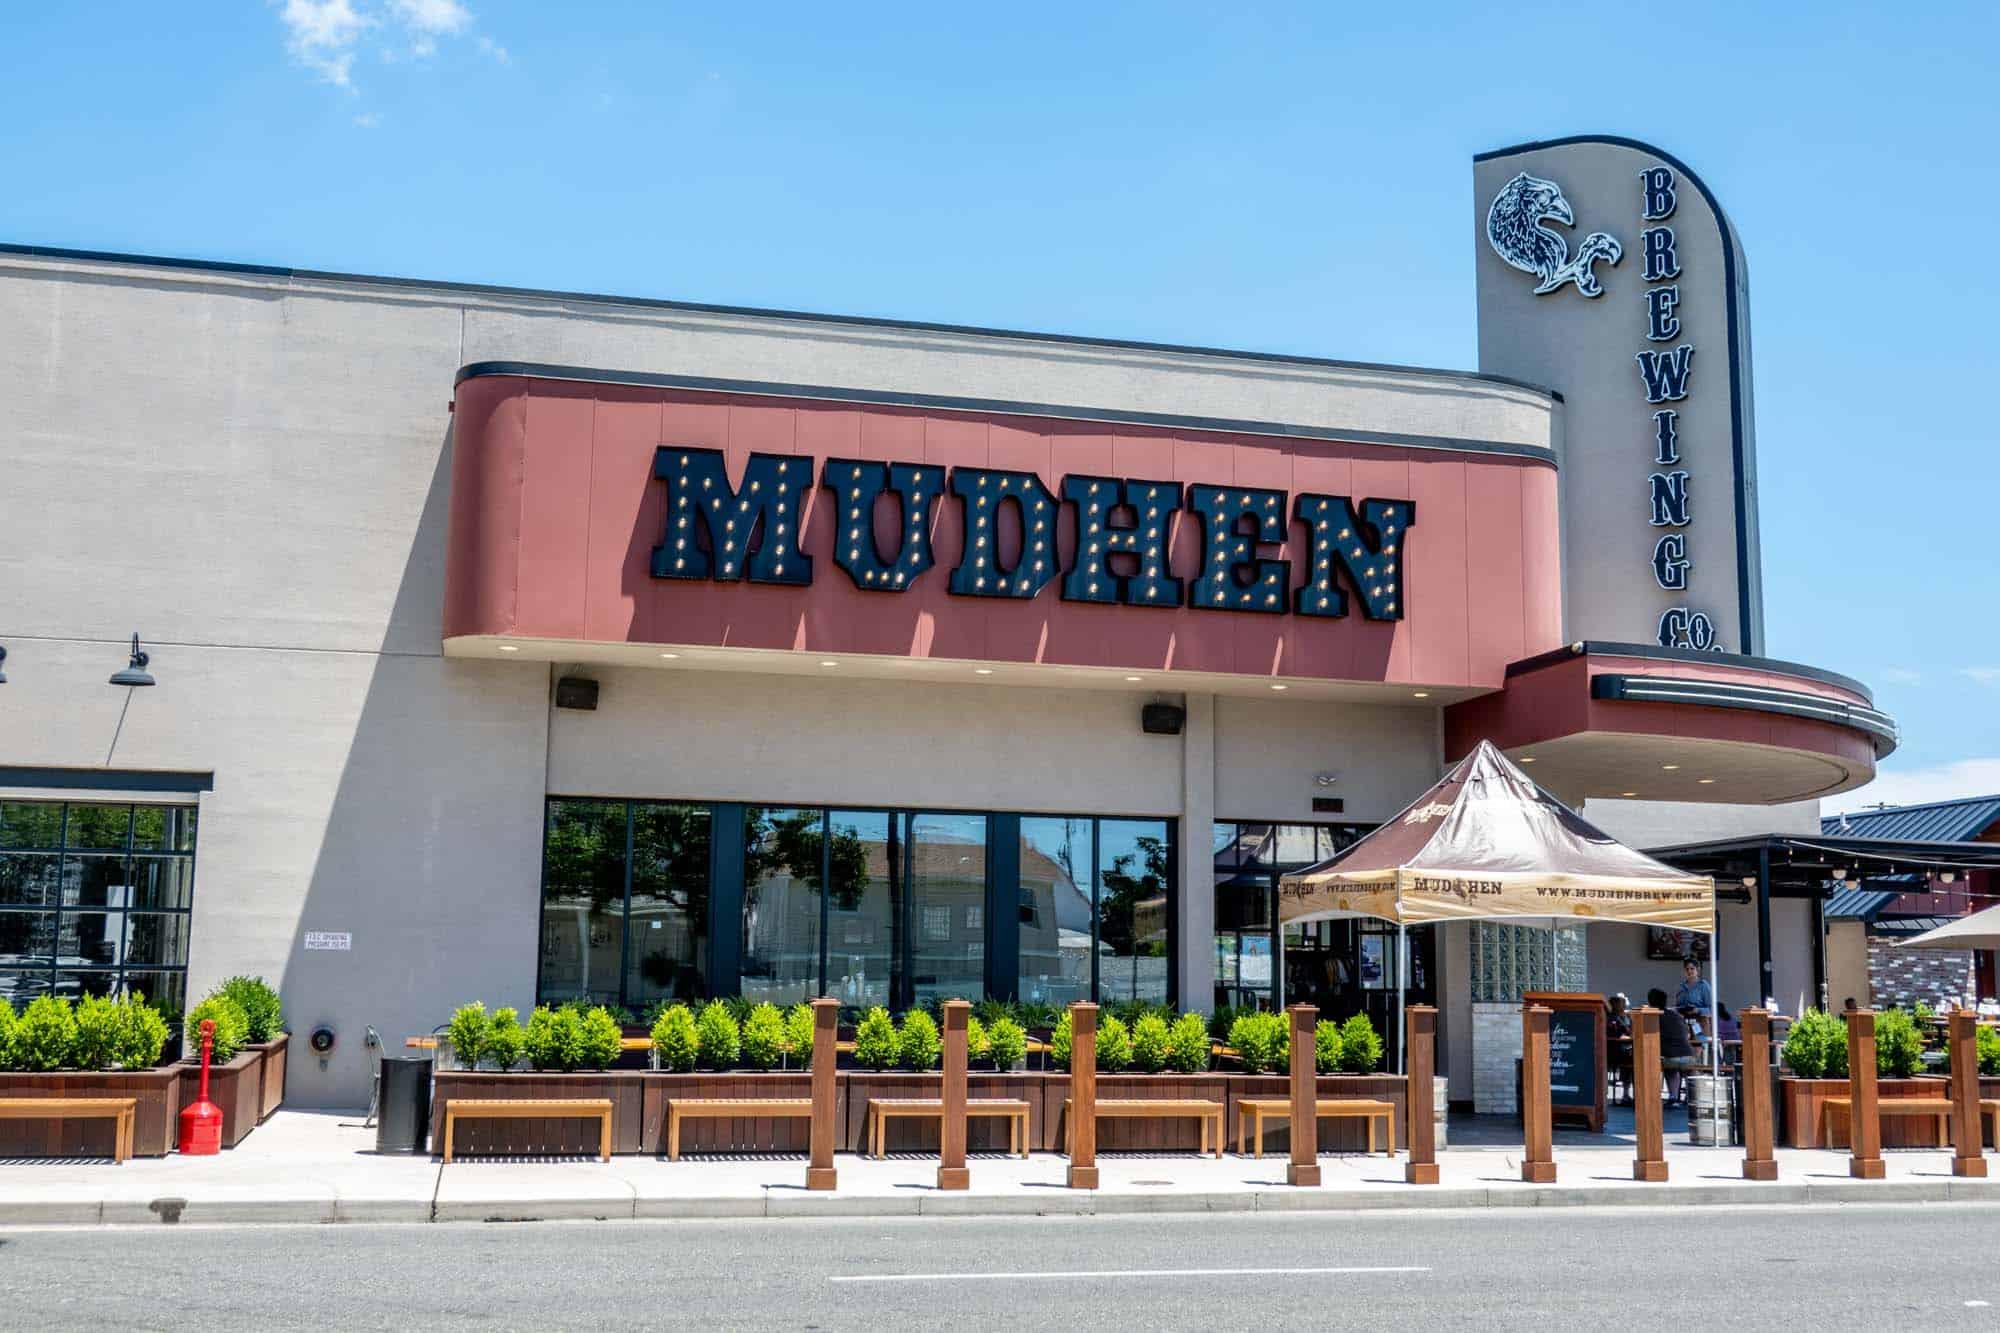 Exterior of MudHen Brewing Co in Wildwood NJ